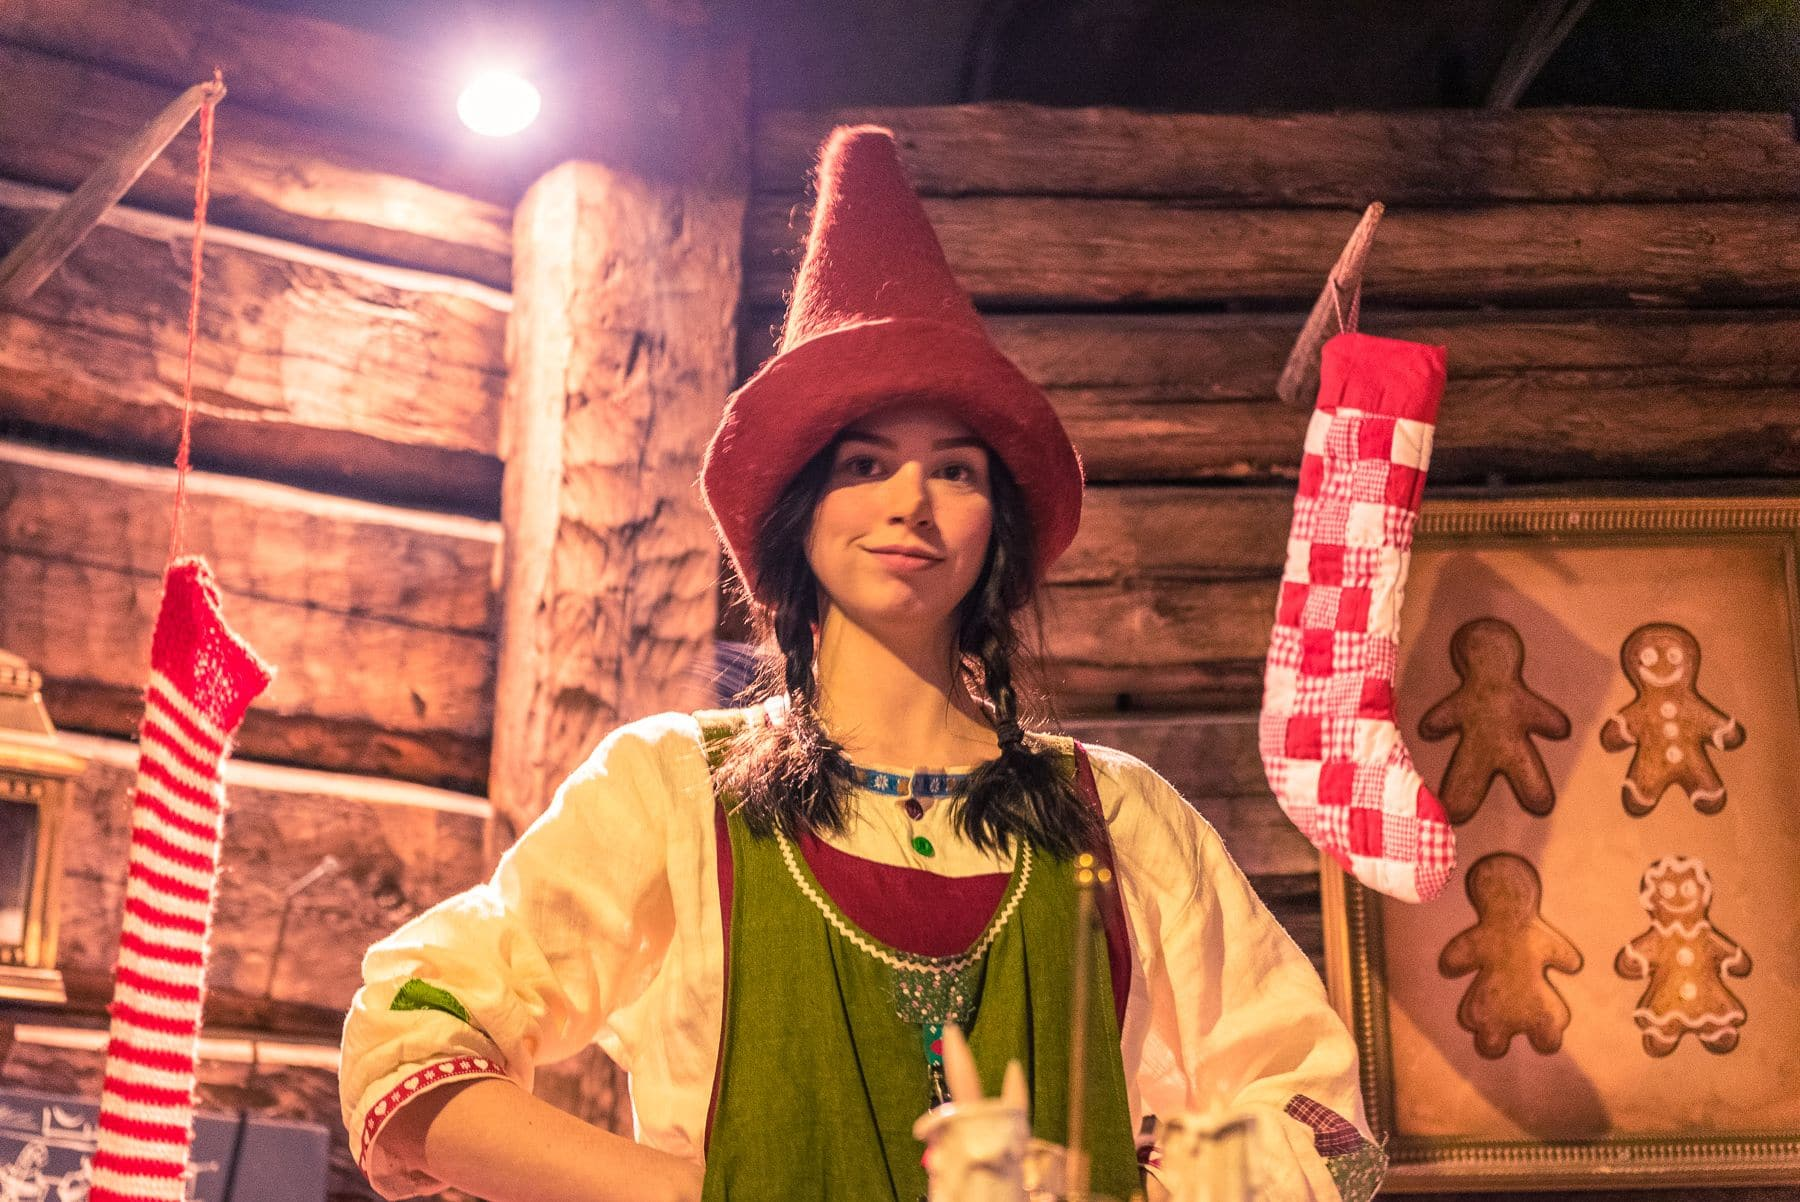 Laponia Psi zaprzeg wioska swietego mikolaja wyjazd do laponii rovaniemi_000776